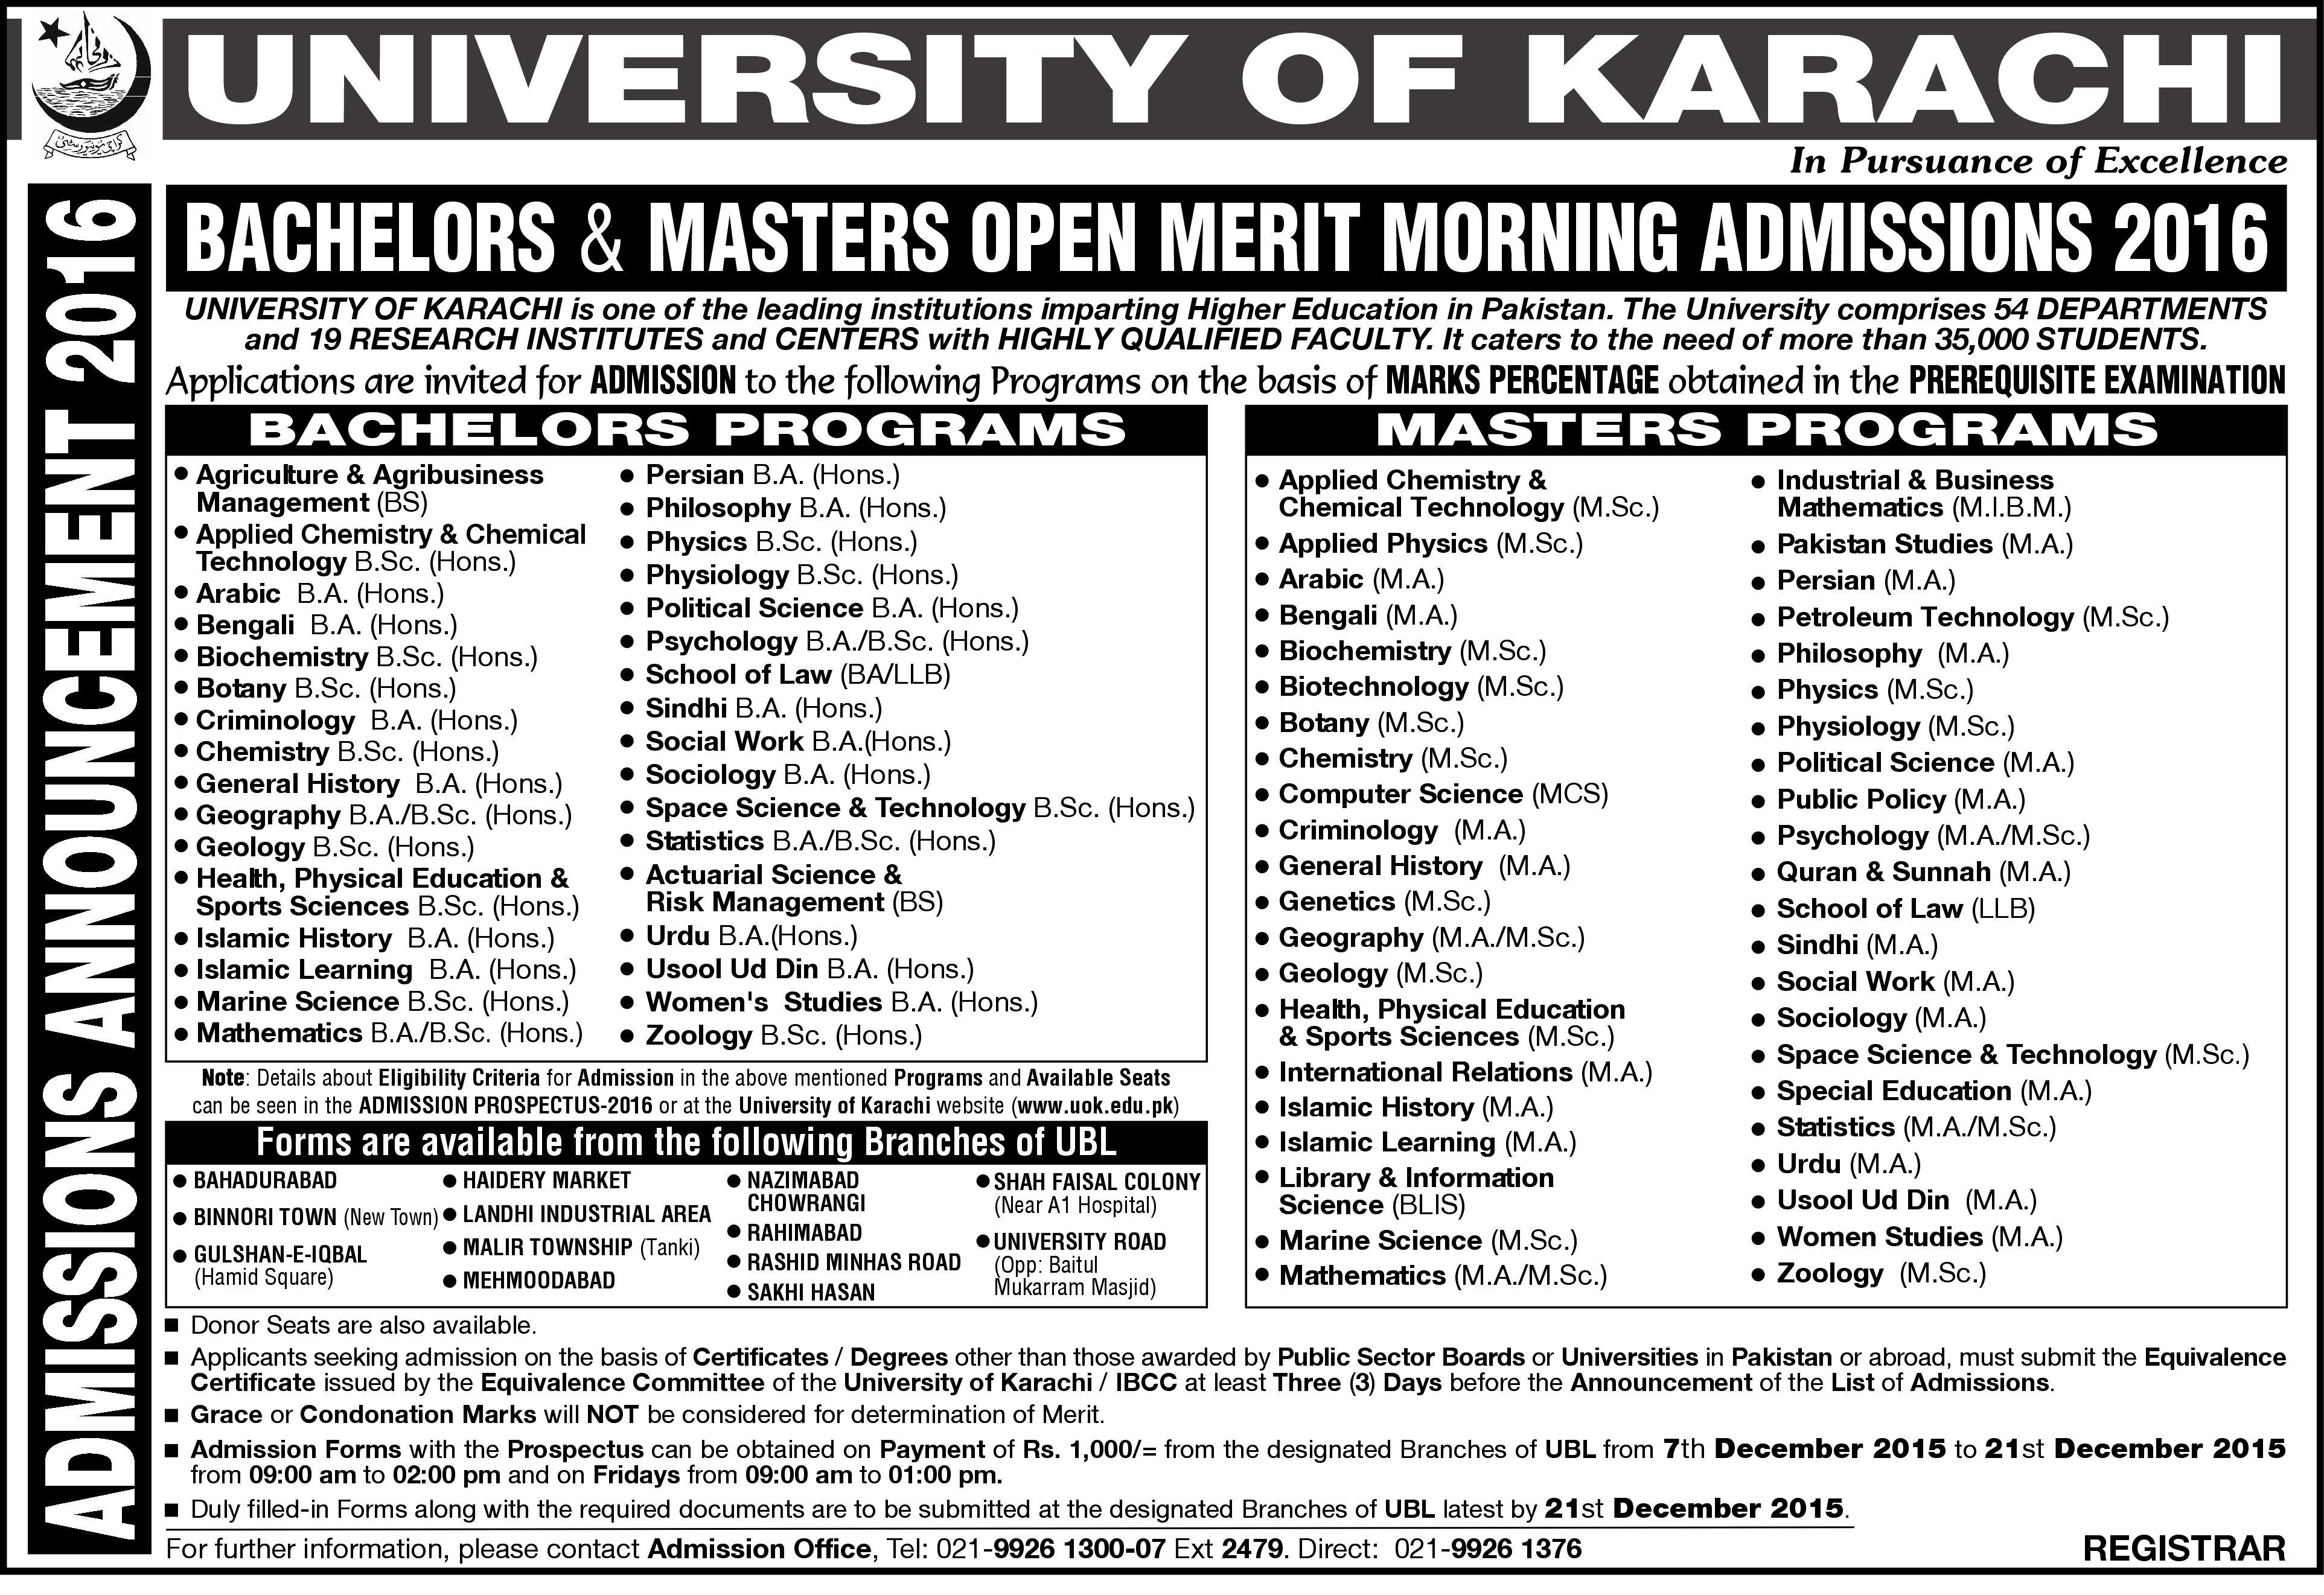 University of Karachi admission